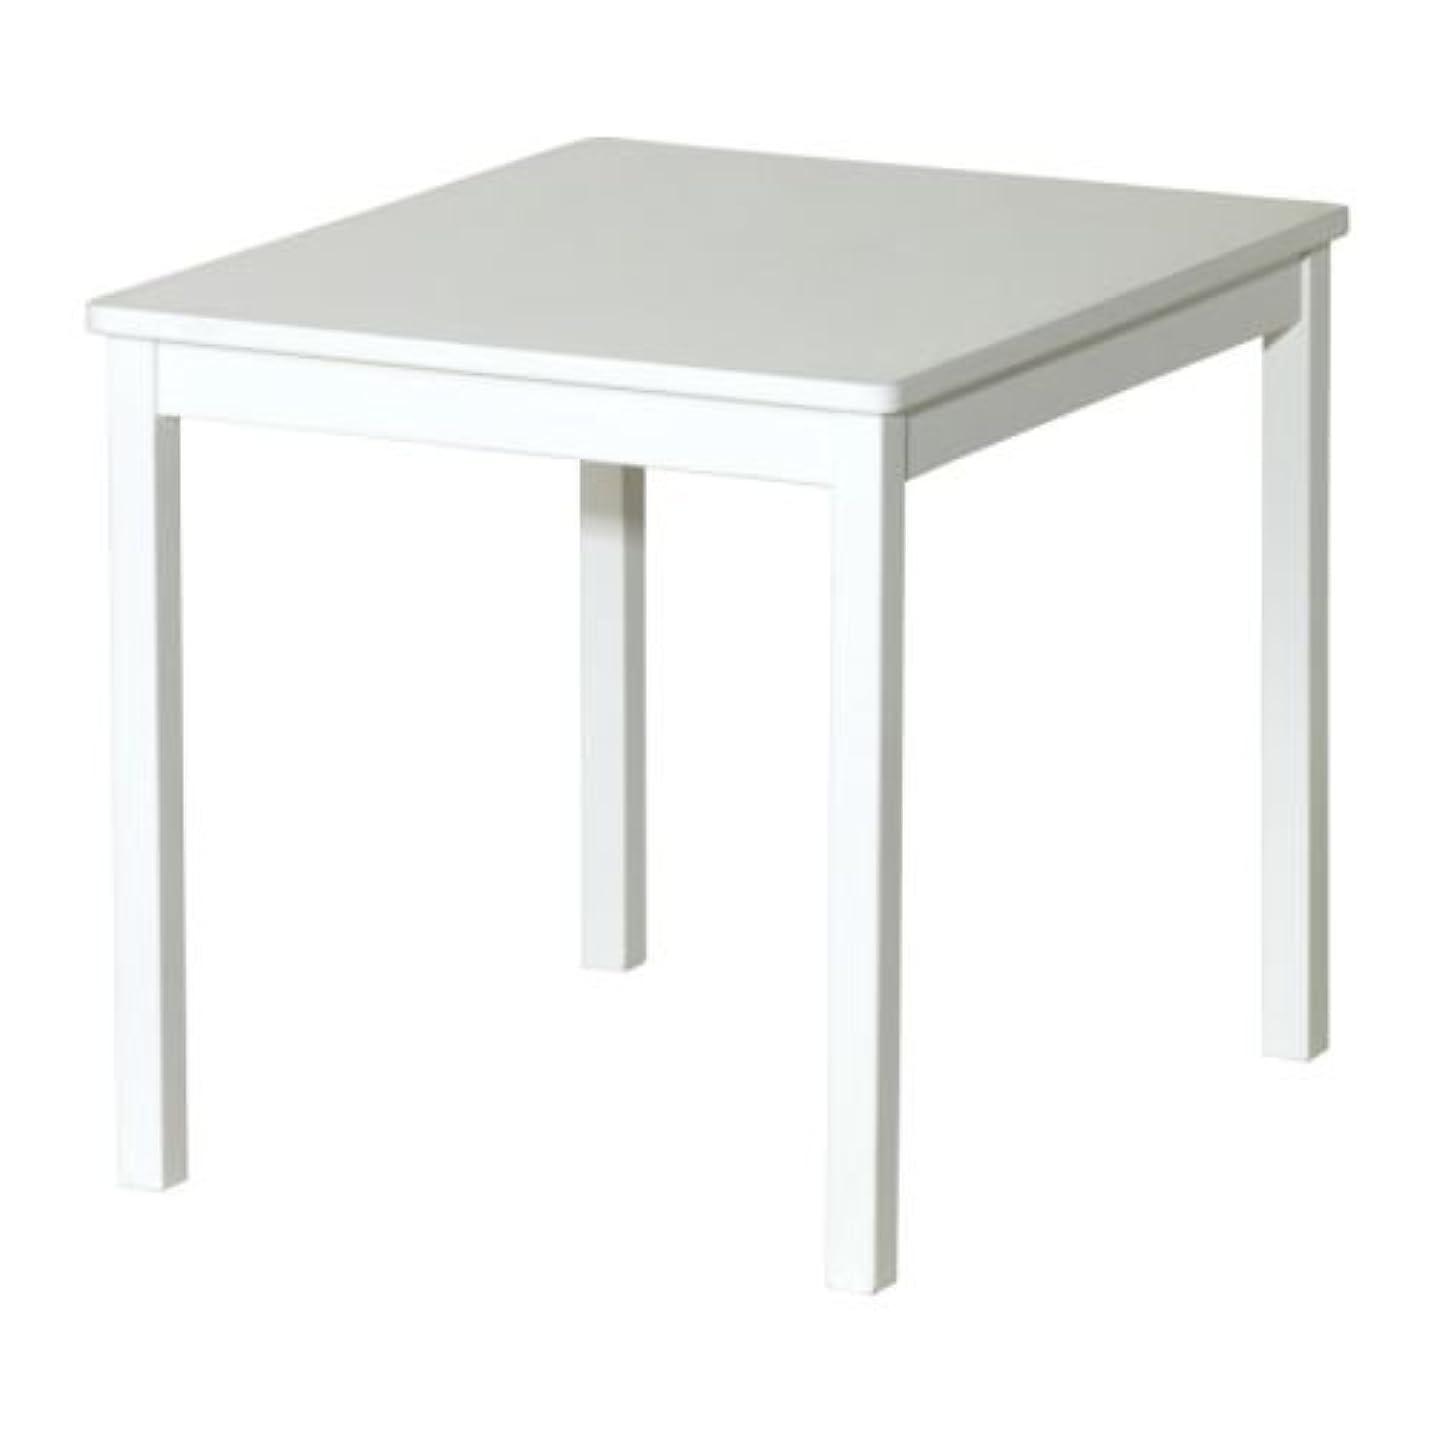 深い郵便物陽気なKRITTER 子供用テーブル /ホワイト IKEA イケア